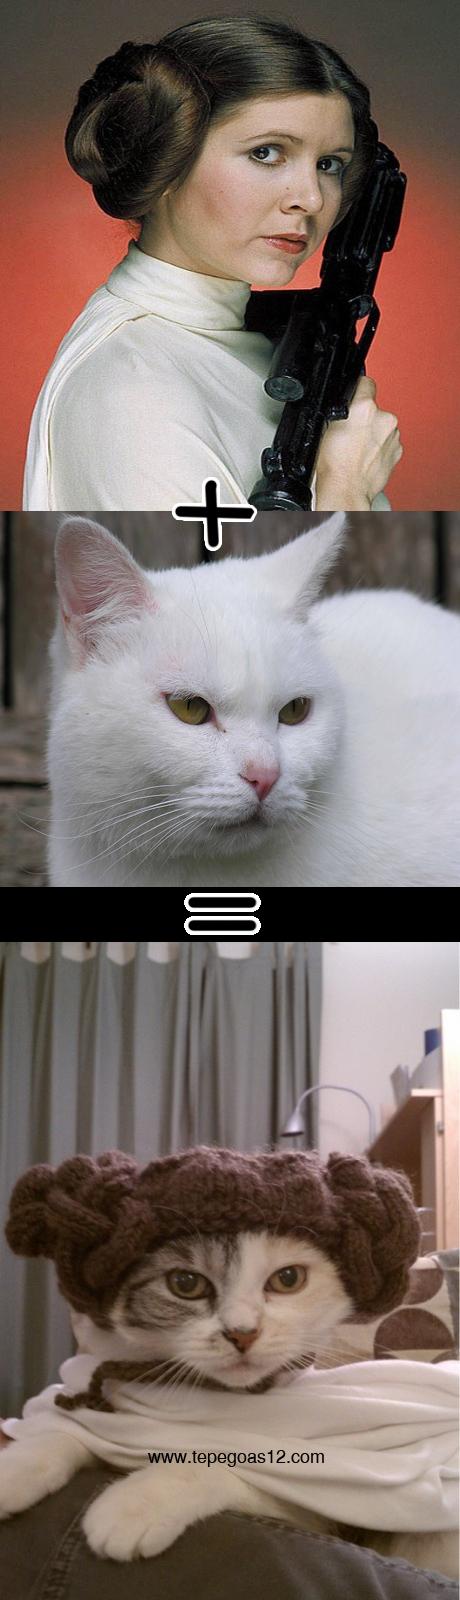 Gato branco mutante, princesa leia,gato vestido de princesa leia